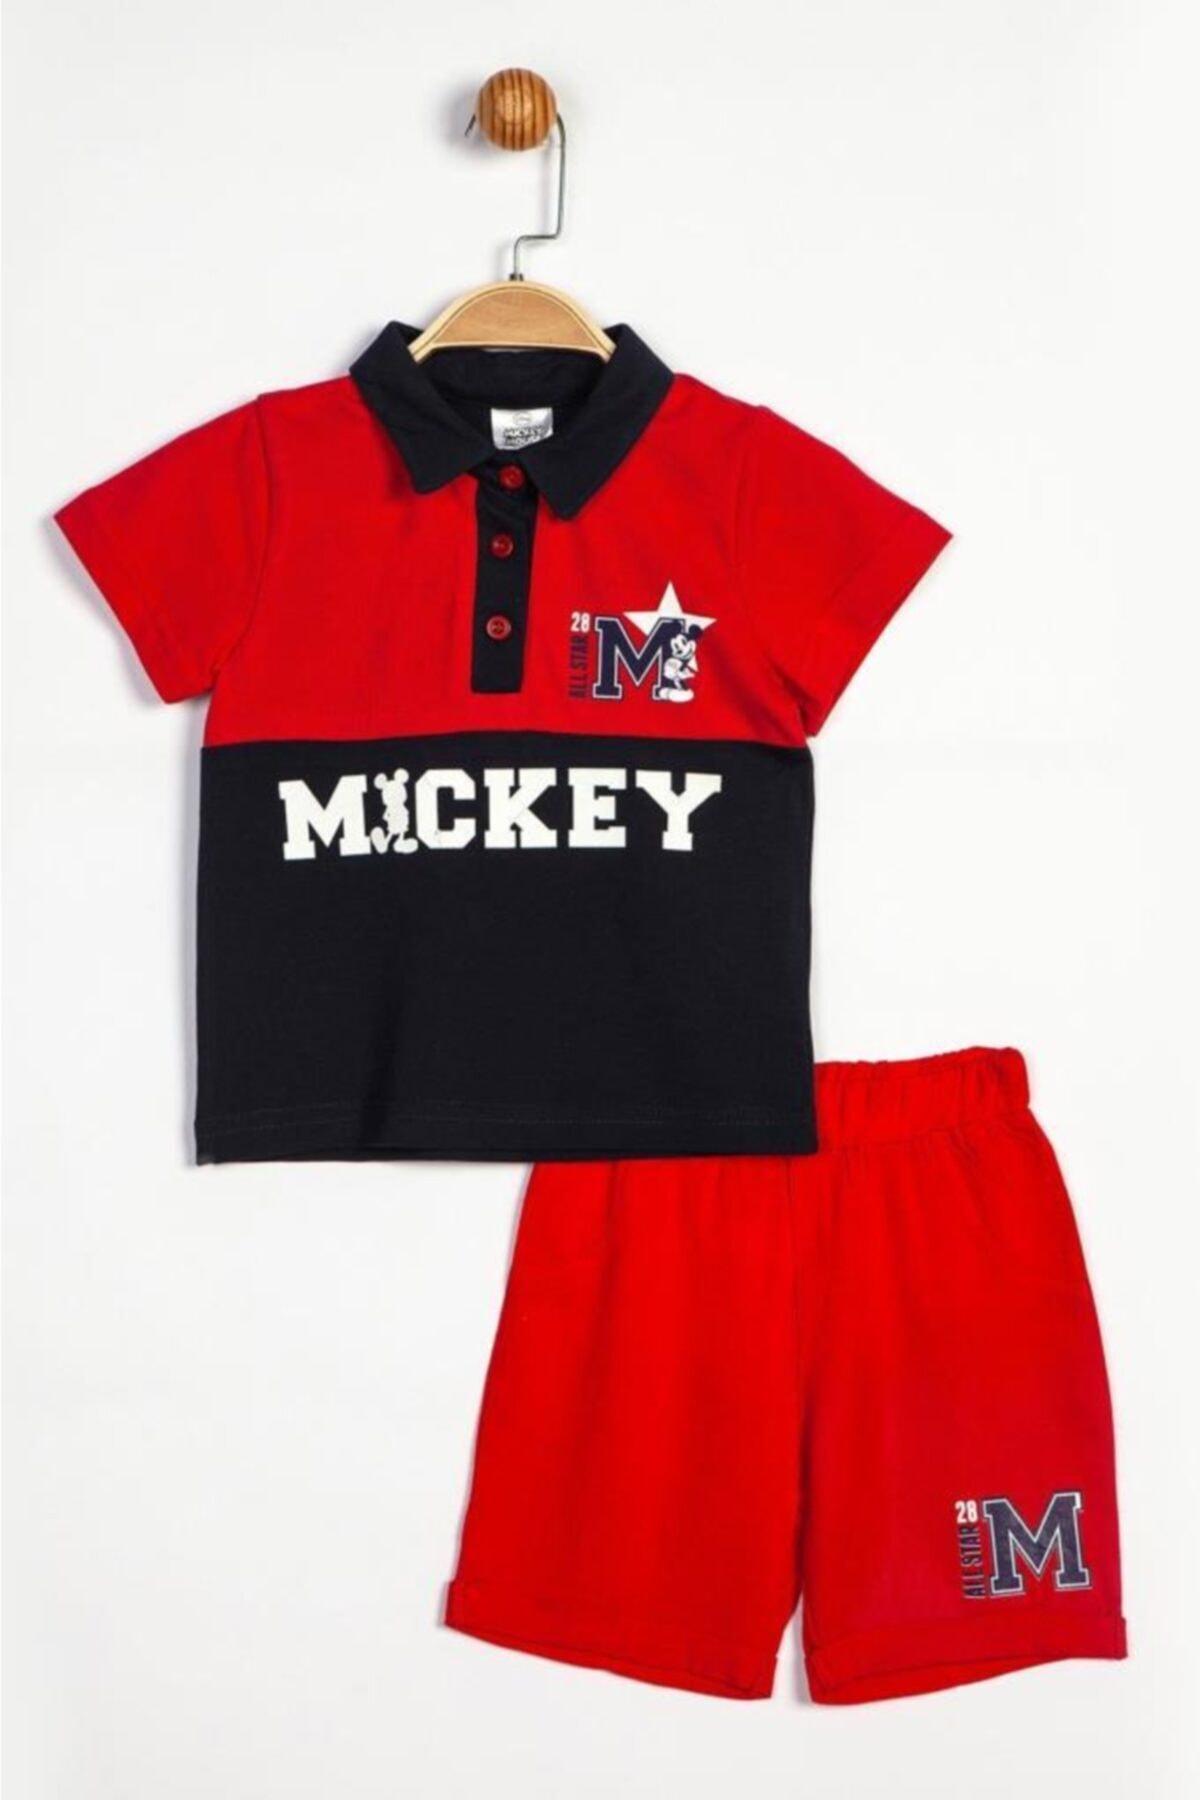 Mickey Mouse Erkek Çocuk kırmızı Polo Yaka Alt-Üst Takım 15445 T20y15445dsn01 1